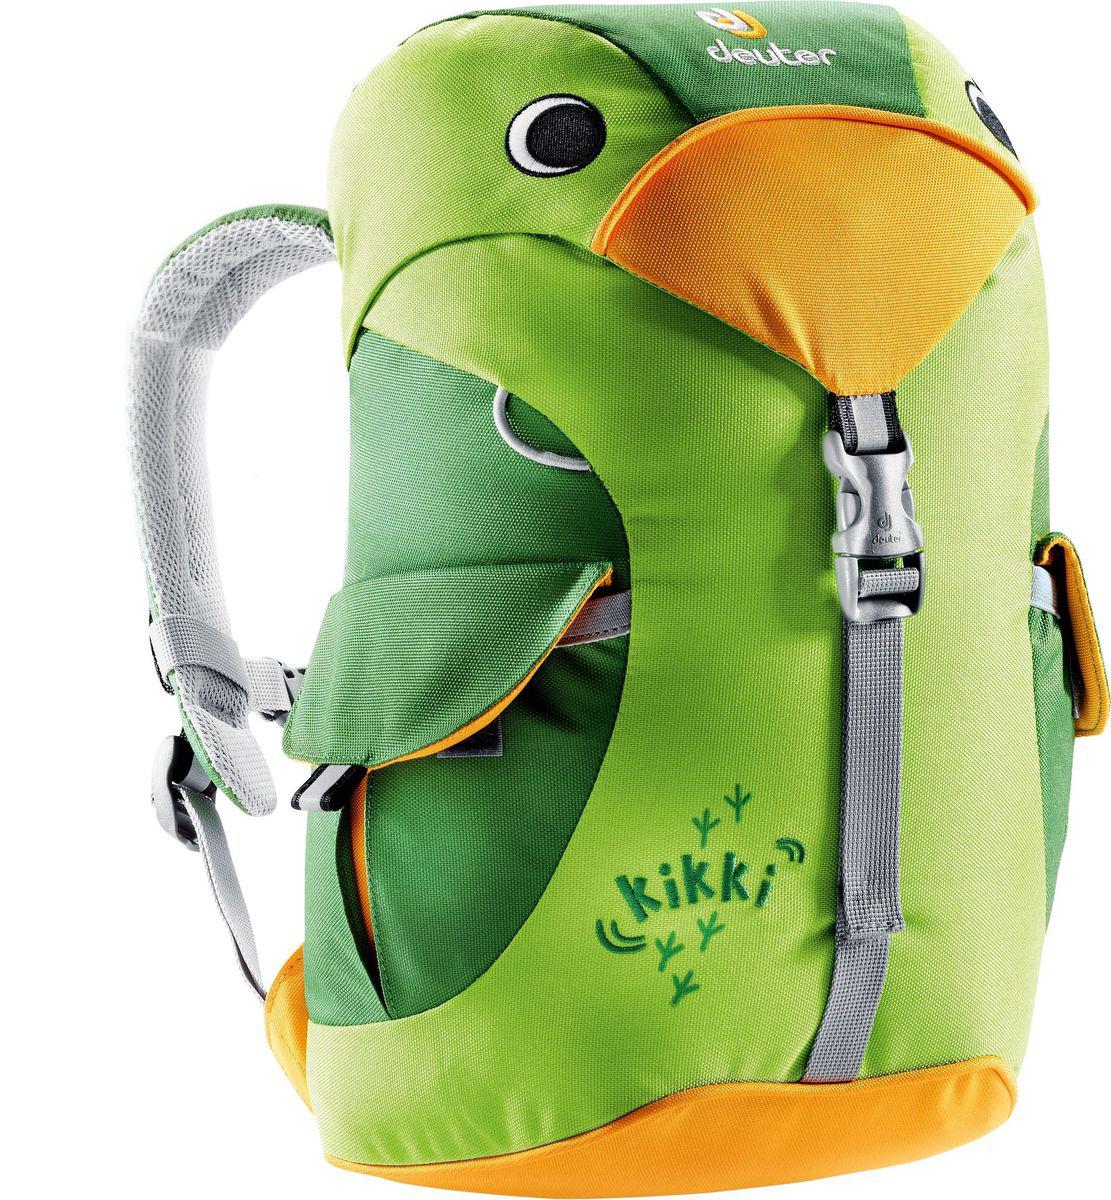 Рюкзак туристический детский Deuter Kikki, цвет: зеленый, 6 л36093_2206Рюкзак туристический Deuter Kikki.Этот рюкзак отлично подходит для малышей в детском саду или на прогулках. Рюкзачек веселый и заботливый, он изготовлен из экологичной ткани, отвечающей самым строгим стандартам. материал: Deuter-Super-Polytex BS объем: 6 л грудной ремень внутри есть именная бирка есть два наружных кармана с застежками светоотражающие элементы спереди и по бокам просторное основное отделение.Объем: 6 л.